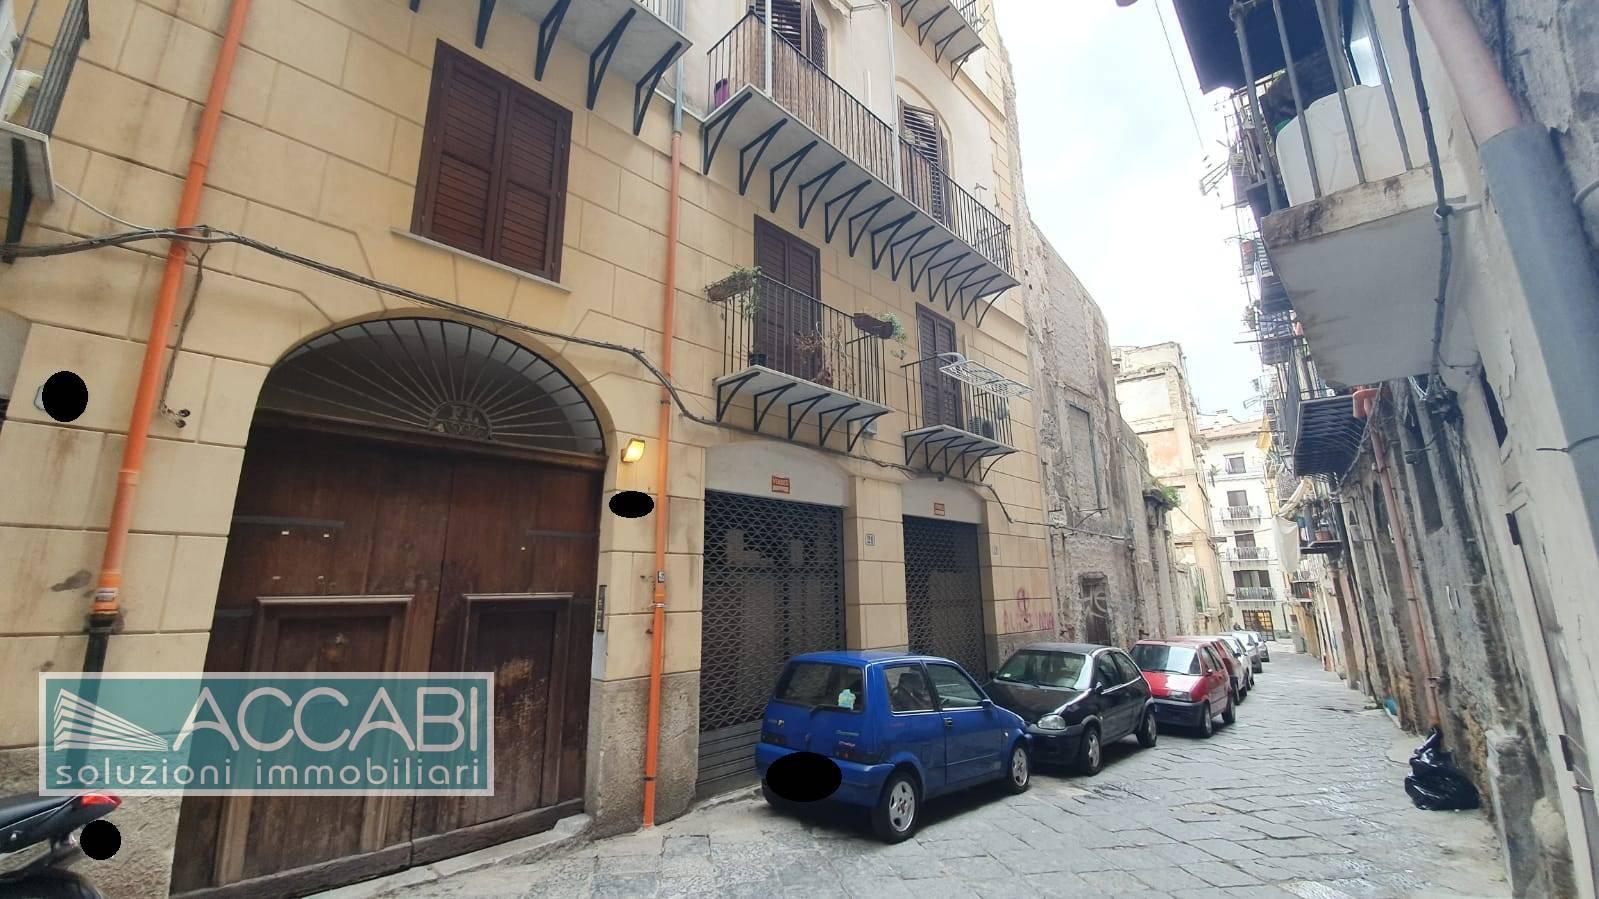 palermo vendita quart: centro storico accabi-s.r.l.s.